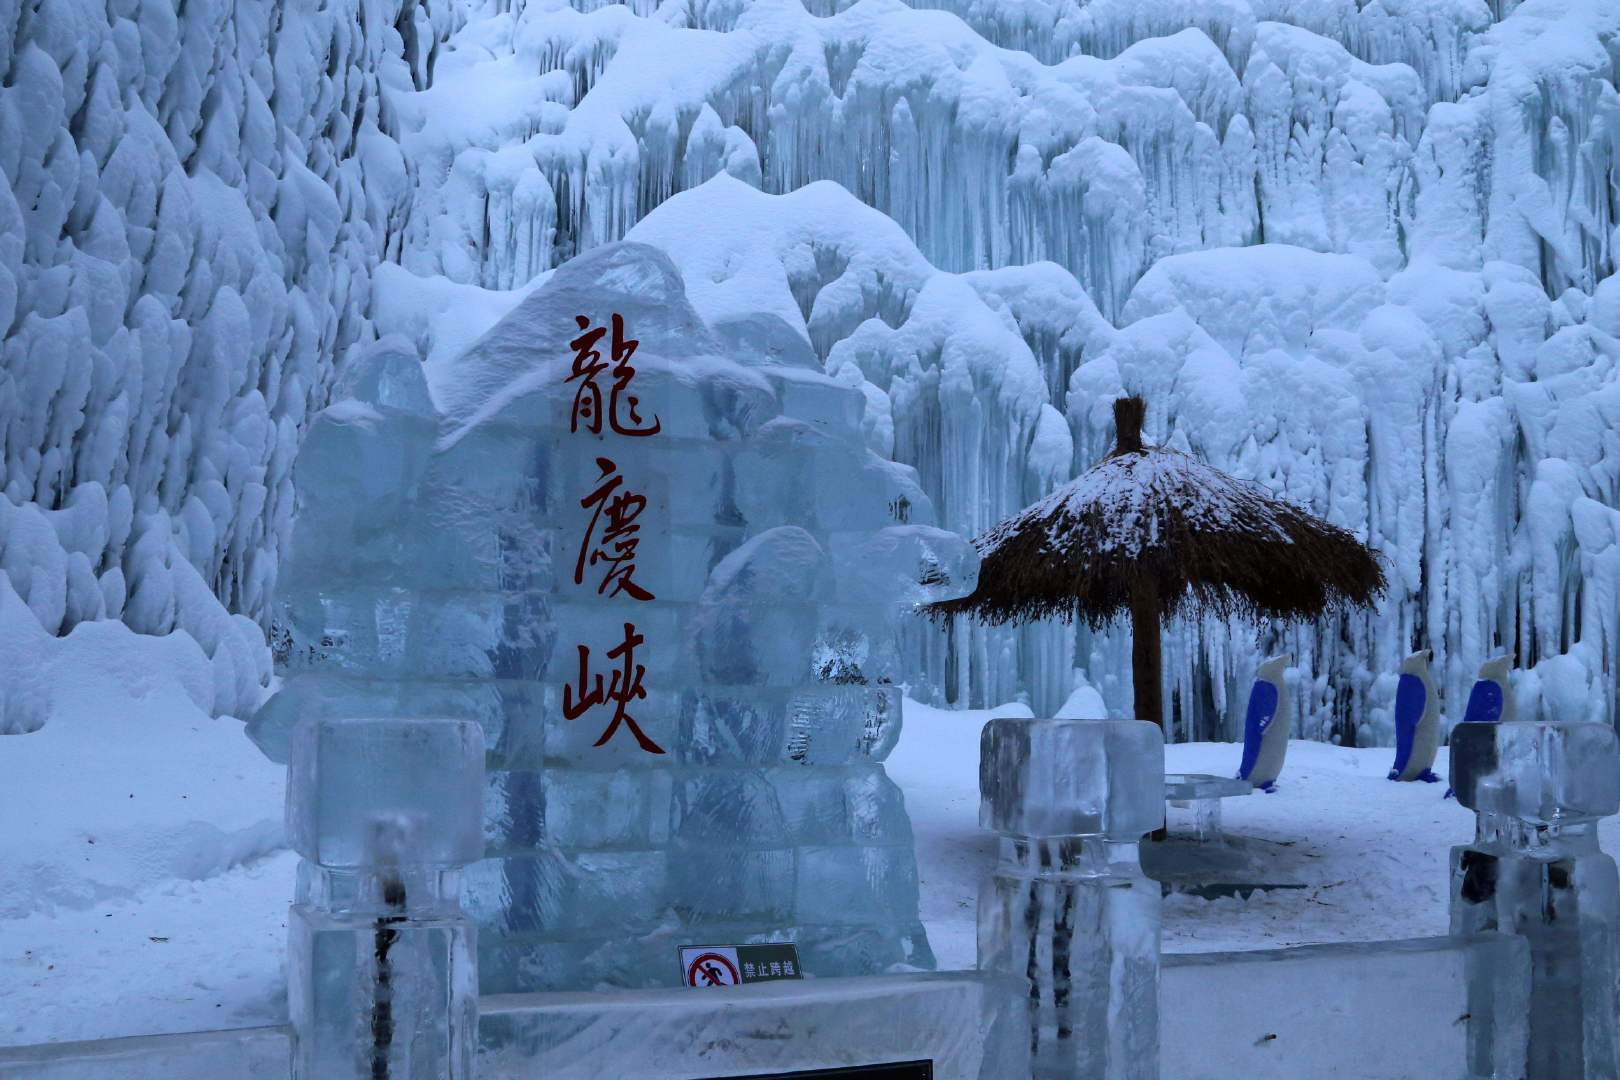 龙庆峡旅游包车丨北京旅游包车_首汽租车电话 - 4006222262-首汽包车